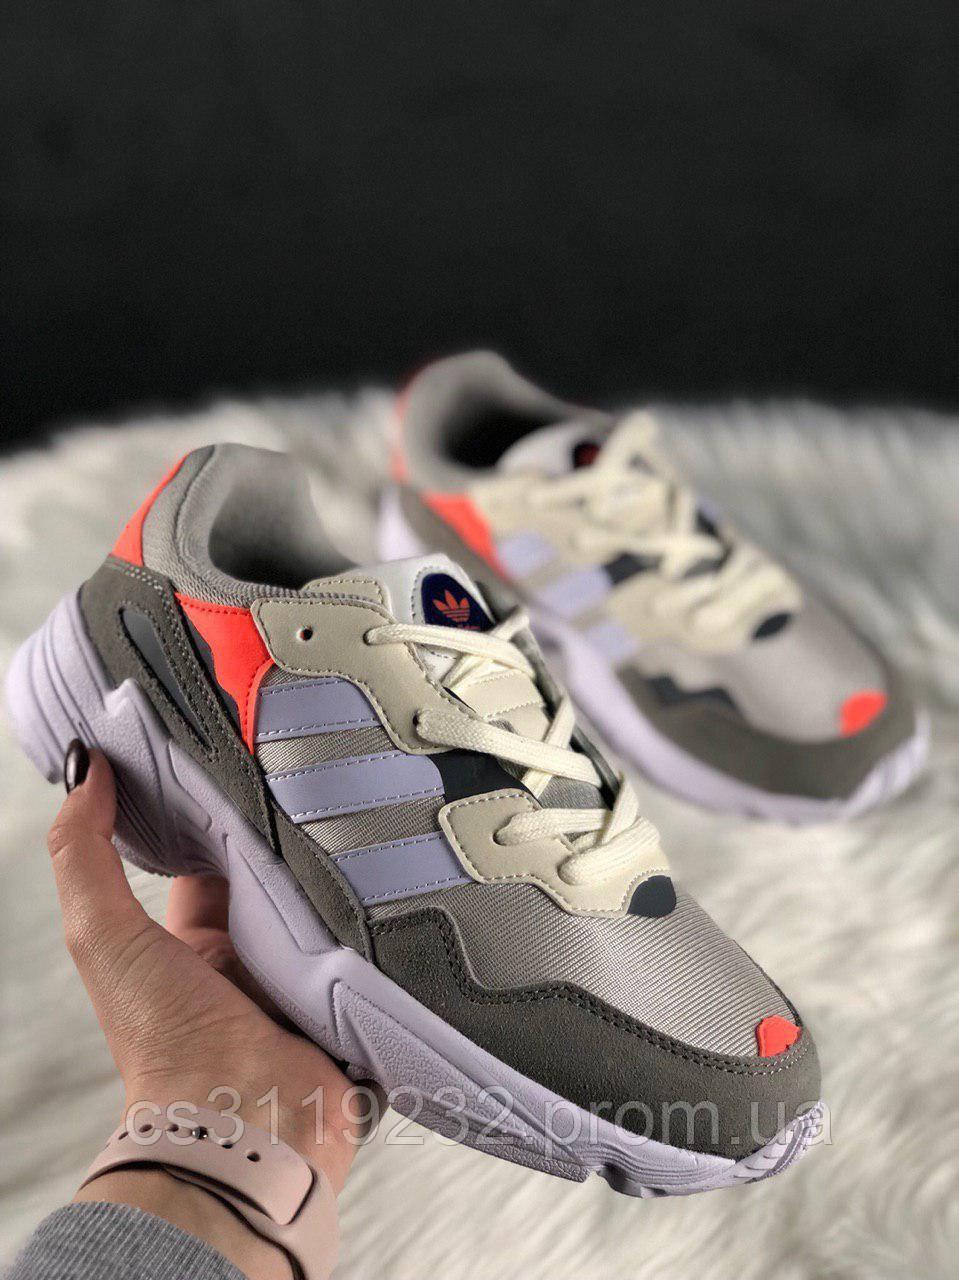 Мужские кроссовки Adidas Yung 96 White Grey Orange (белый/серый/оранжевый)